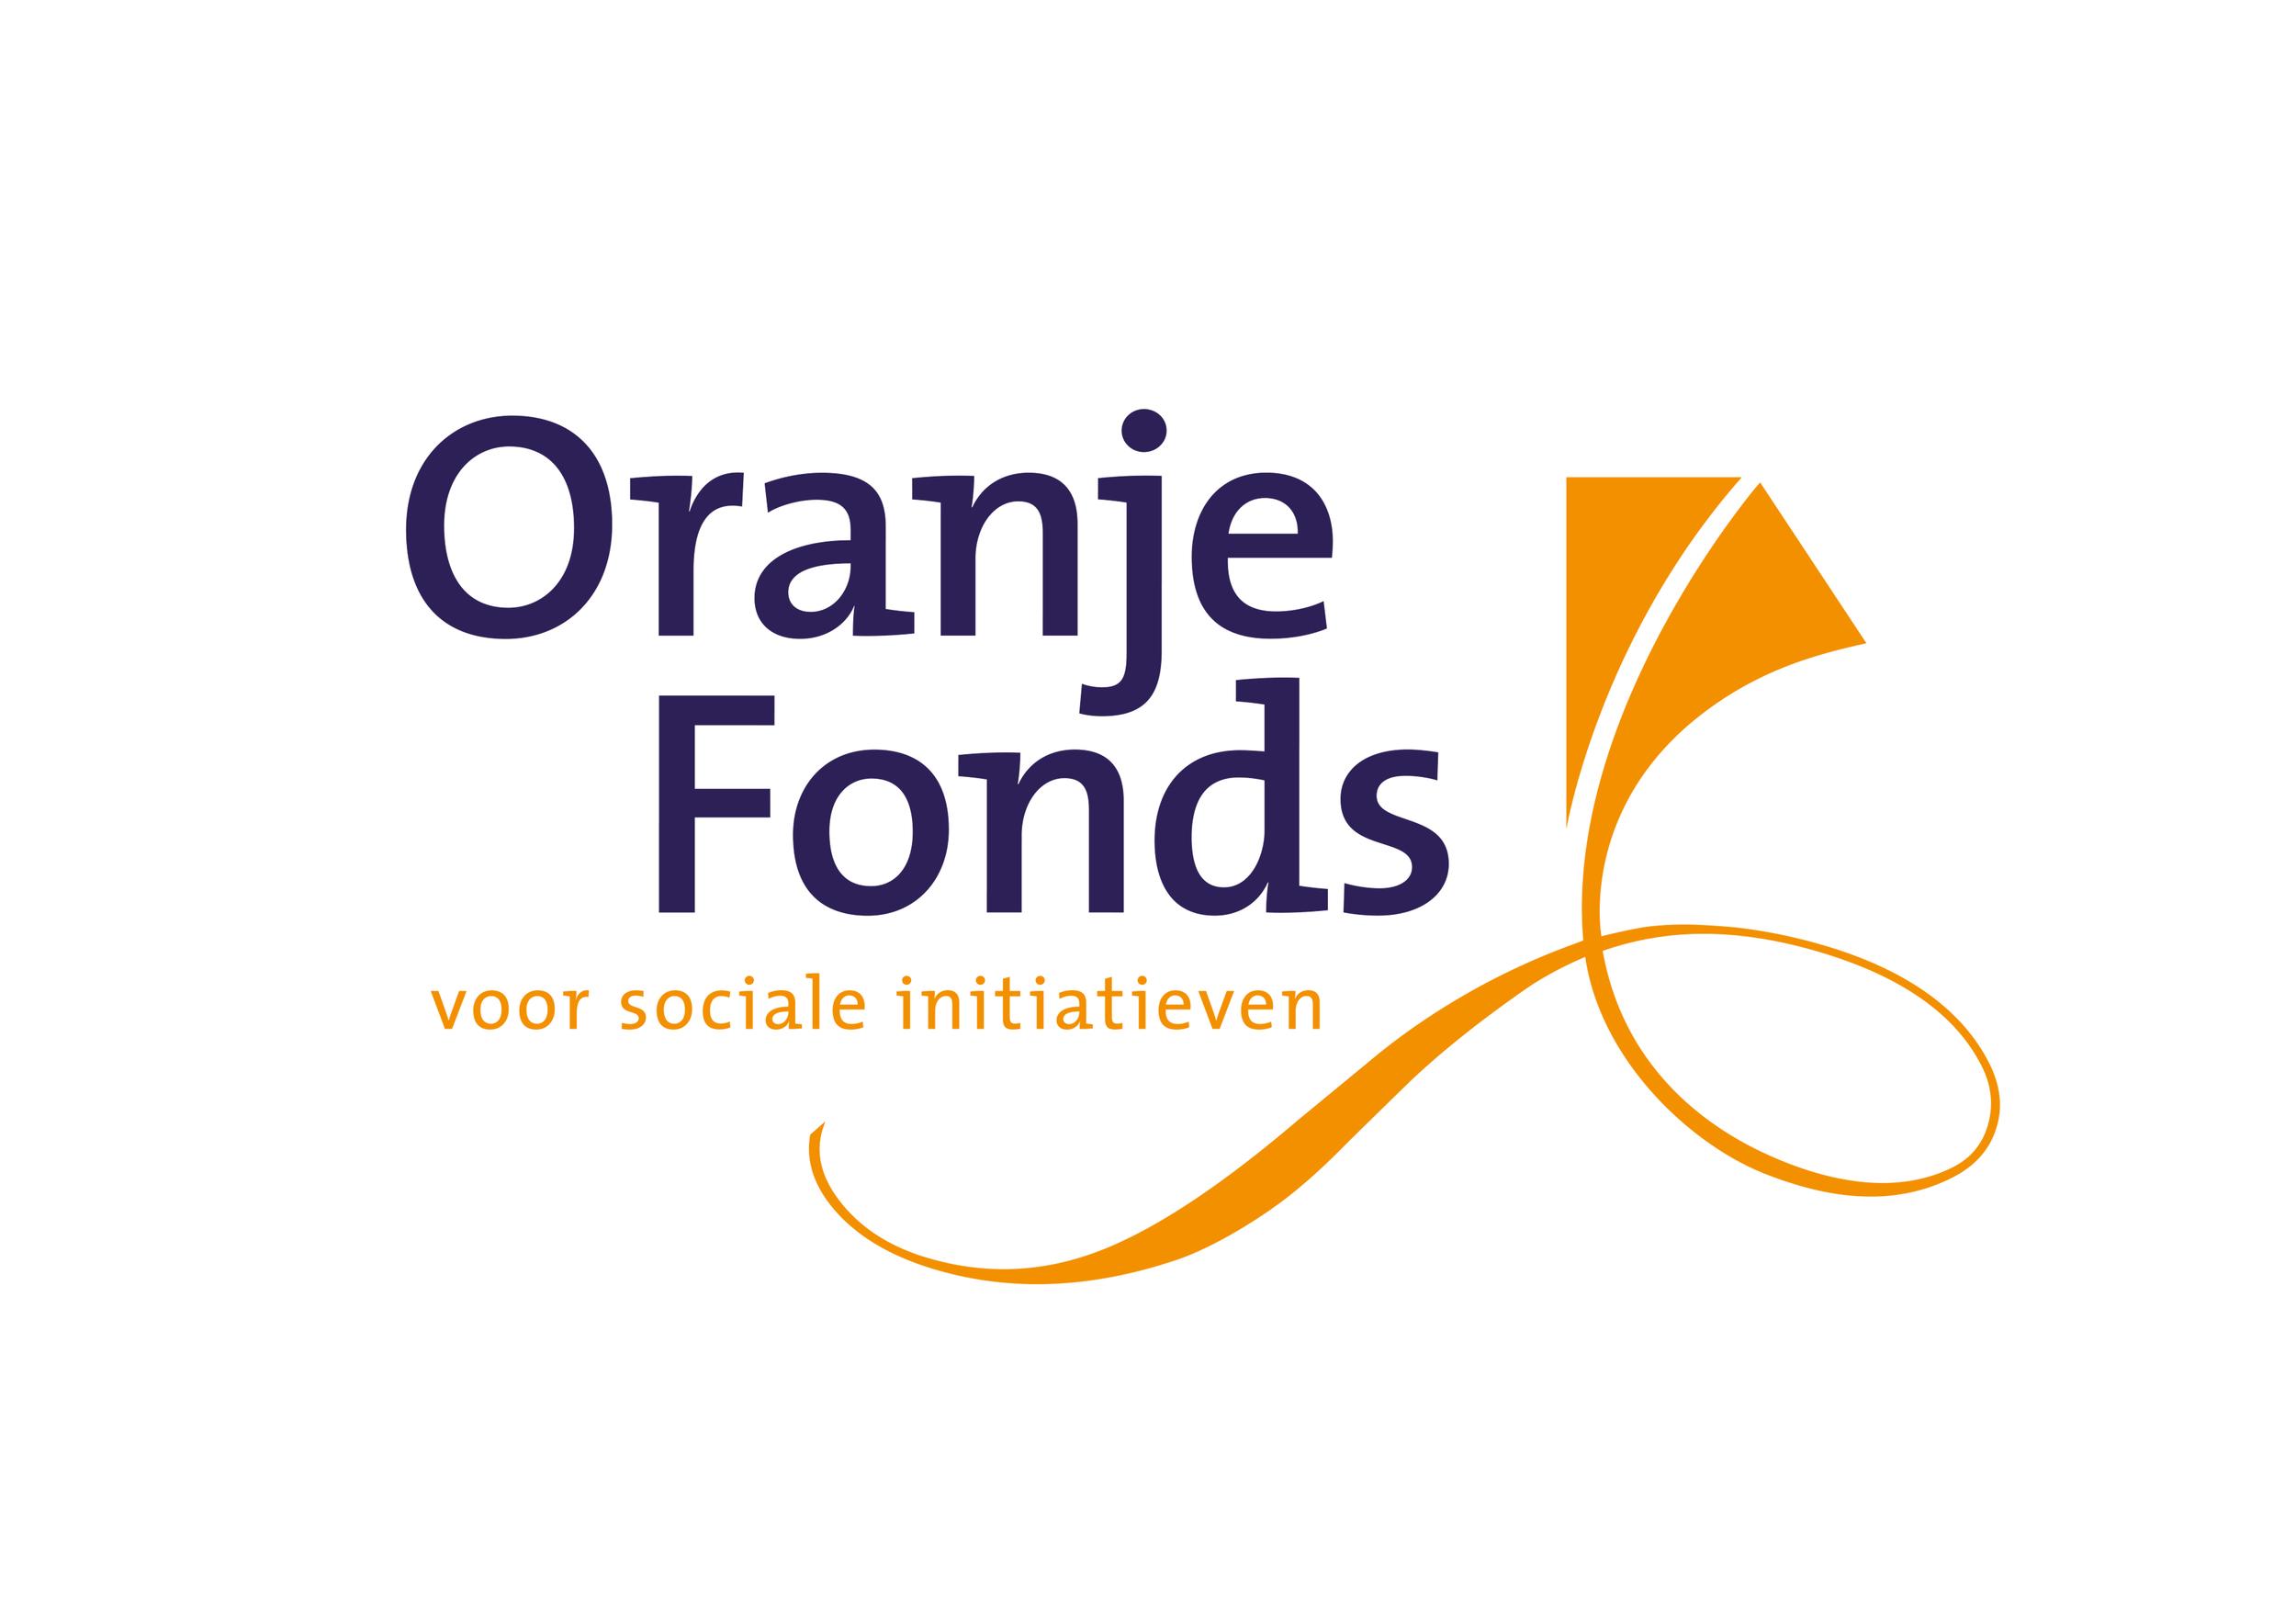 Oranje_Fonds-bloklogo_vsi fc.jpg